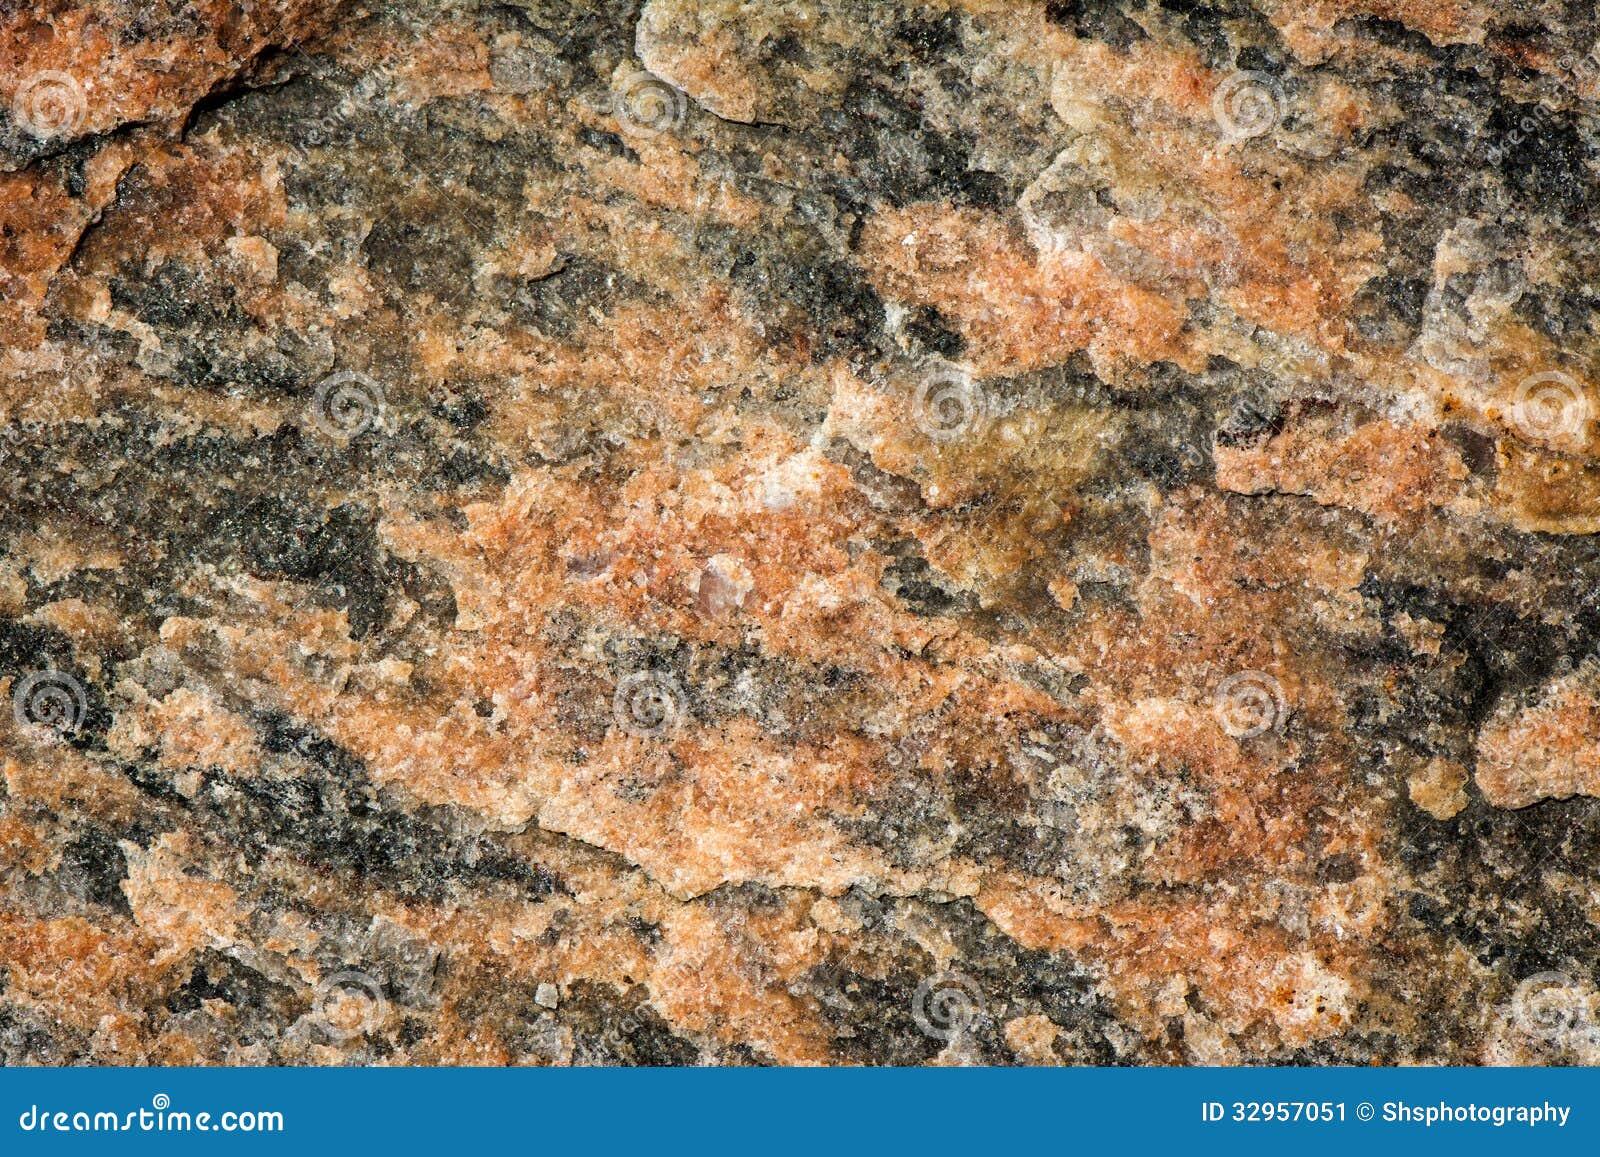 Red And Black Granite : Red black mottled granite stock image